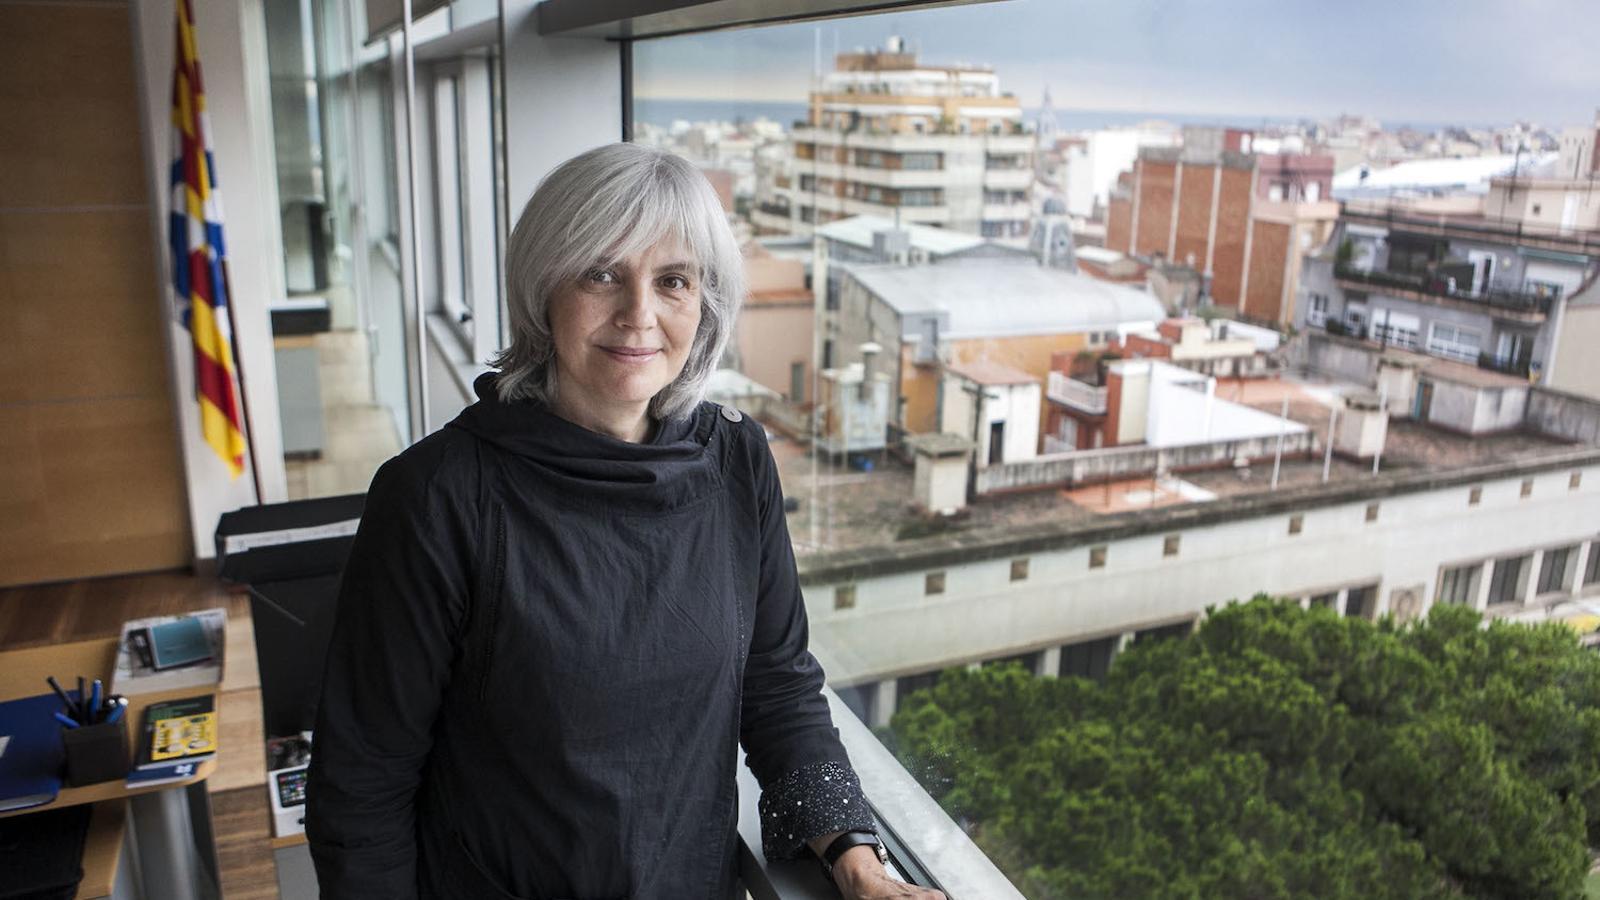 L'alcaldessa de Badalona se sotmet a una qüestió de confiança per aprovar els pressupostos